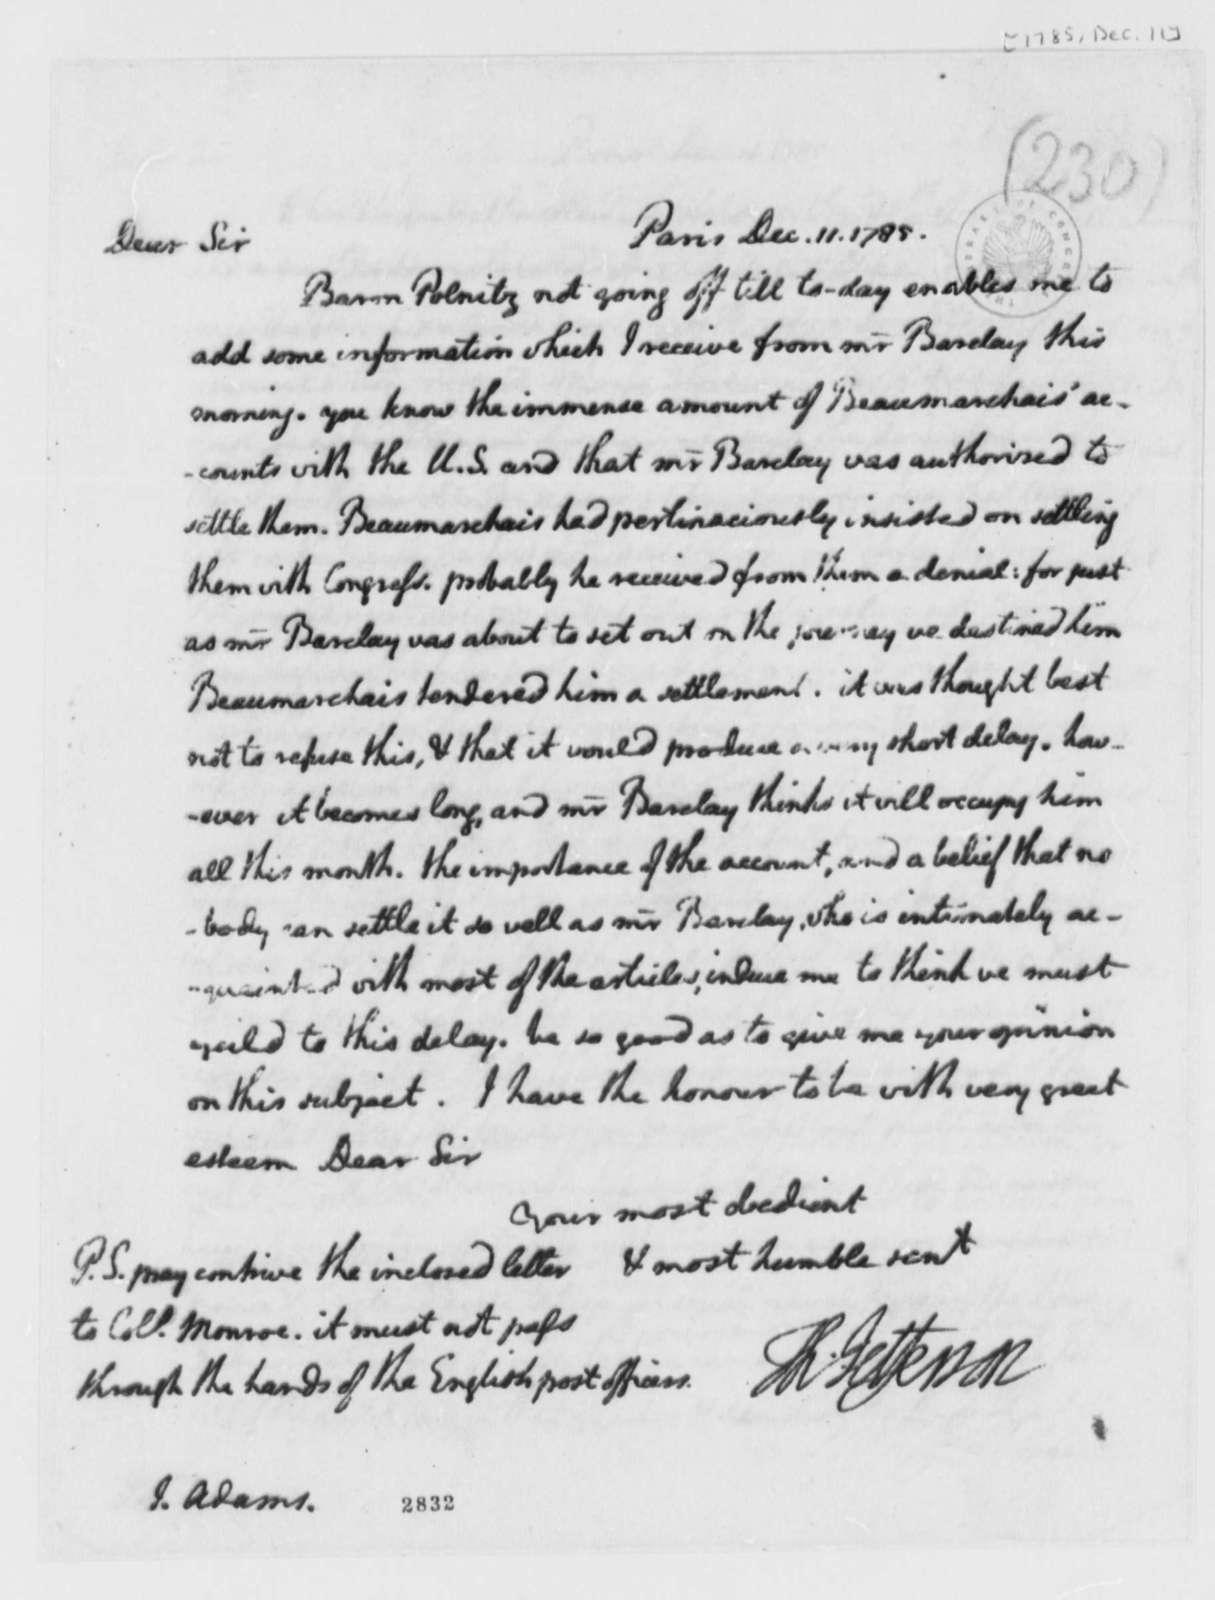 Thomas Jefferson to John Adams, December 11, 1785